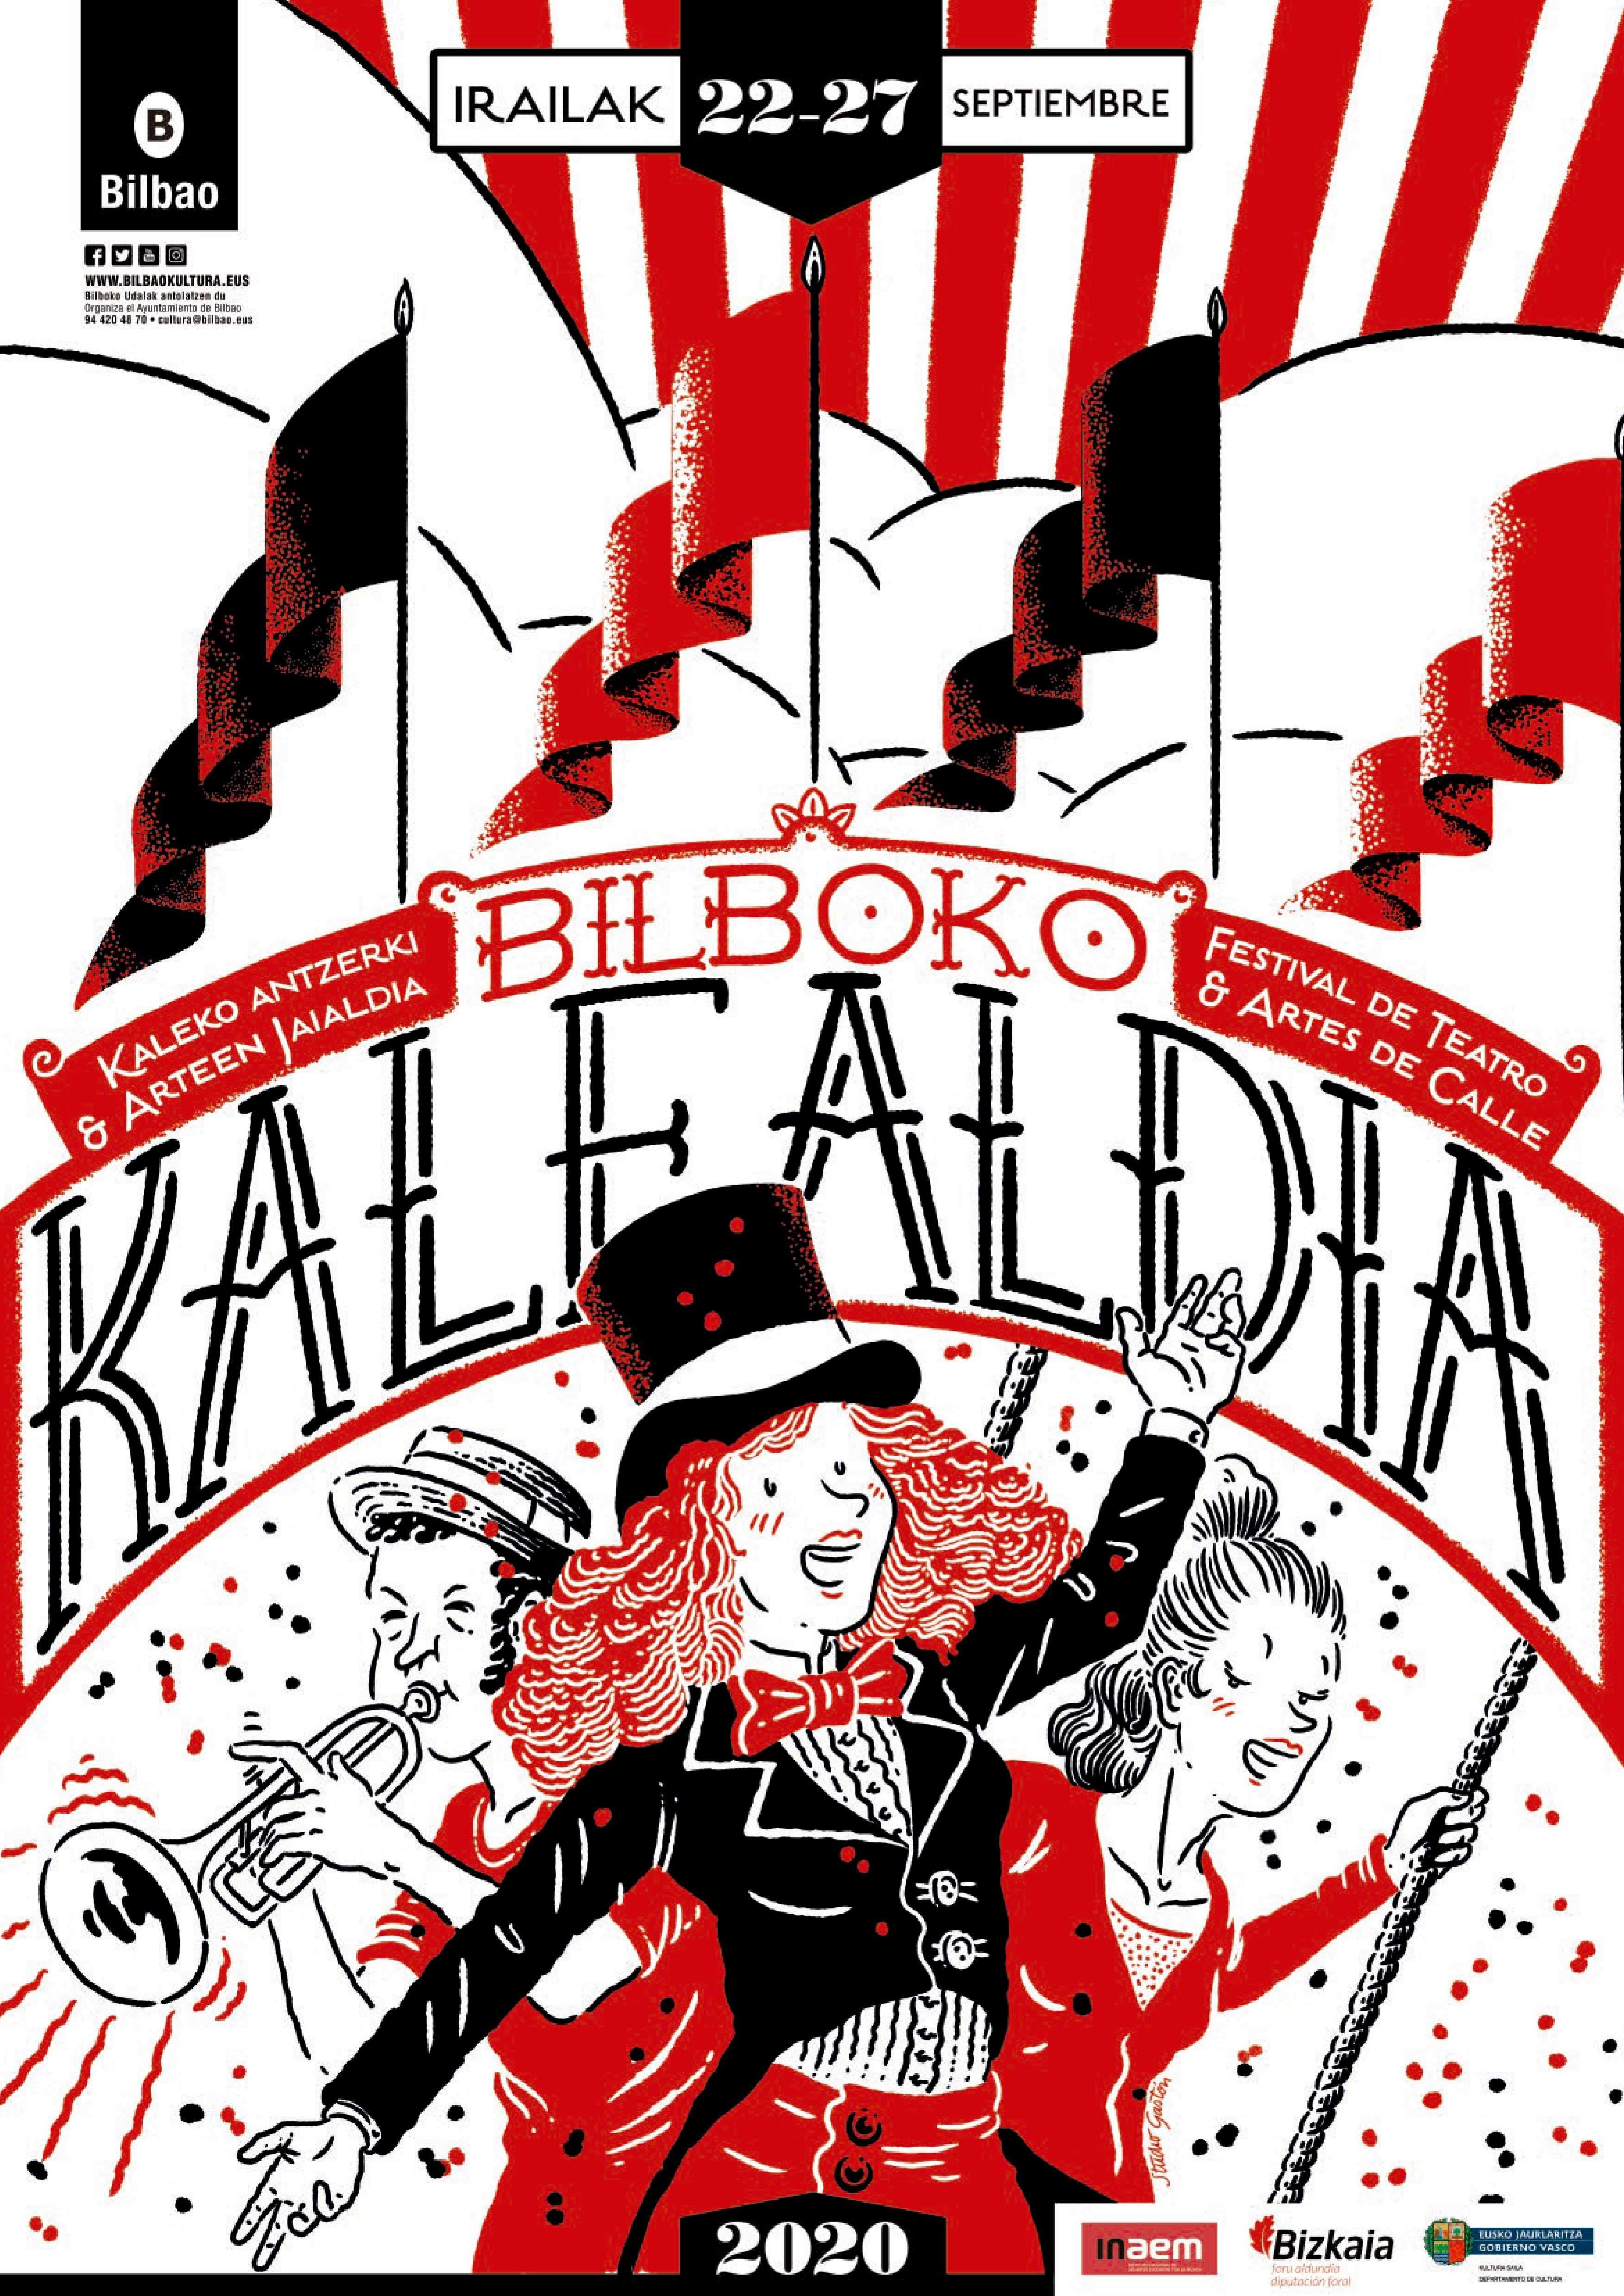 Bilboko Kalealdia 2020